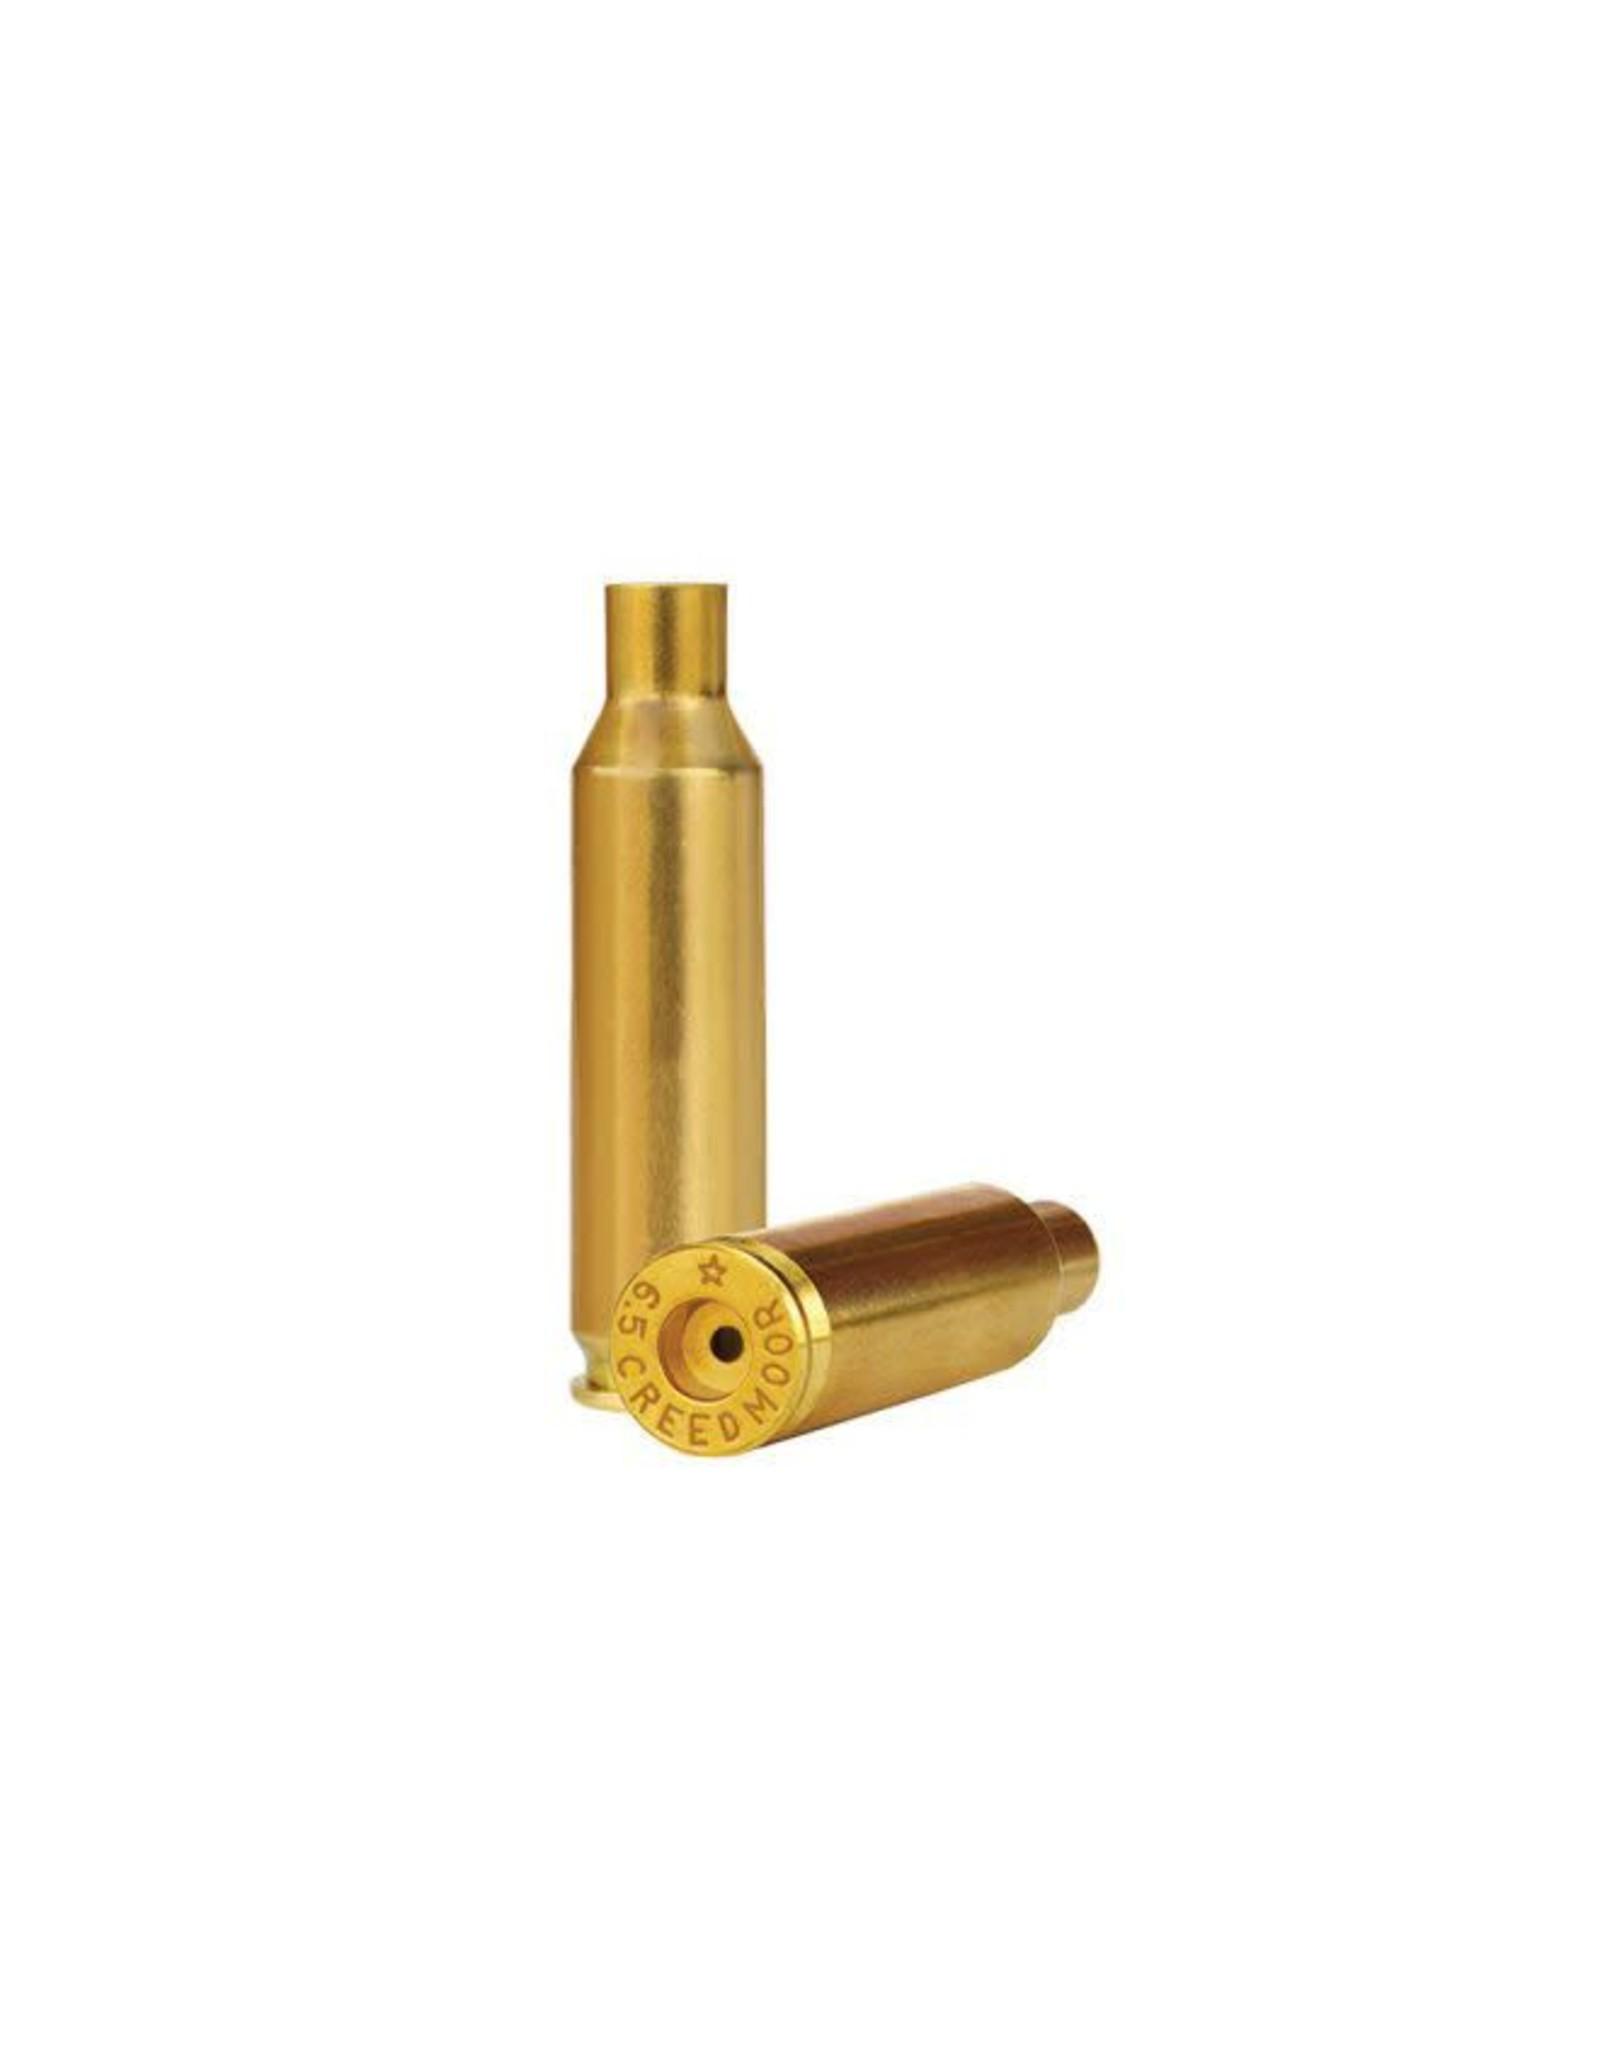 Starline - 6.5 Creedmoor Brass (LR) 100 count